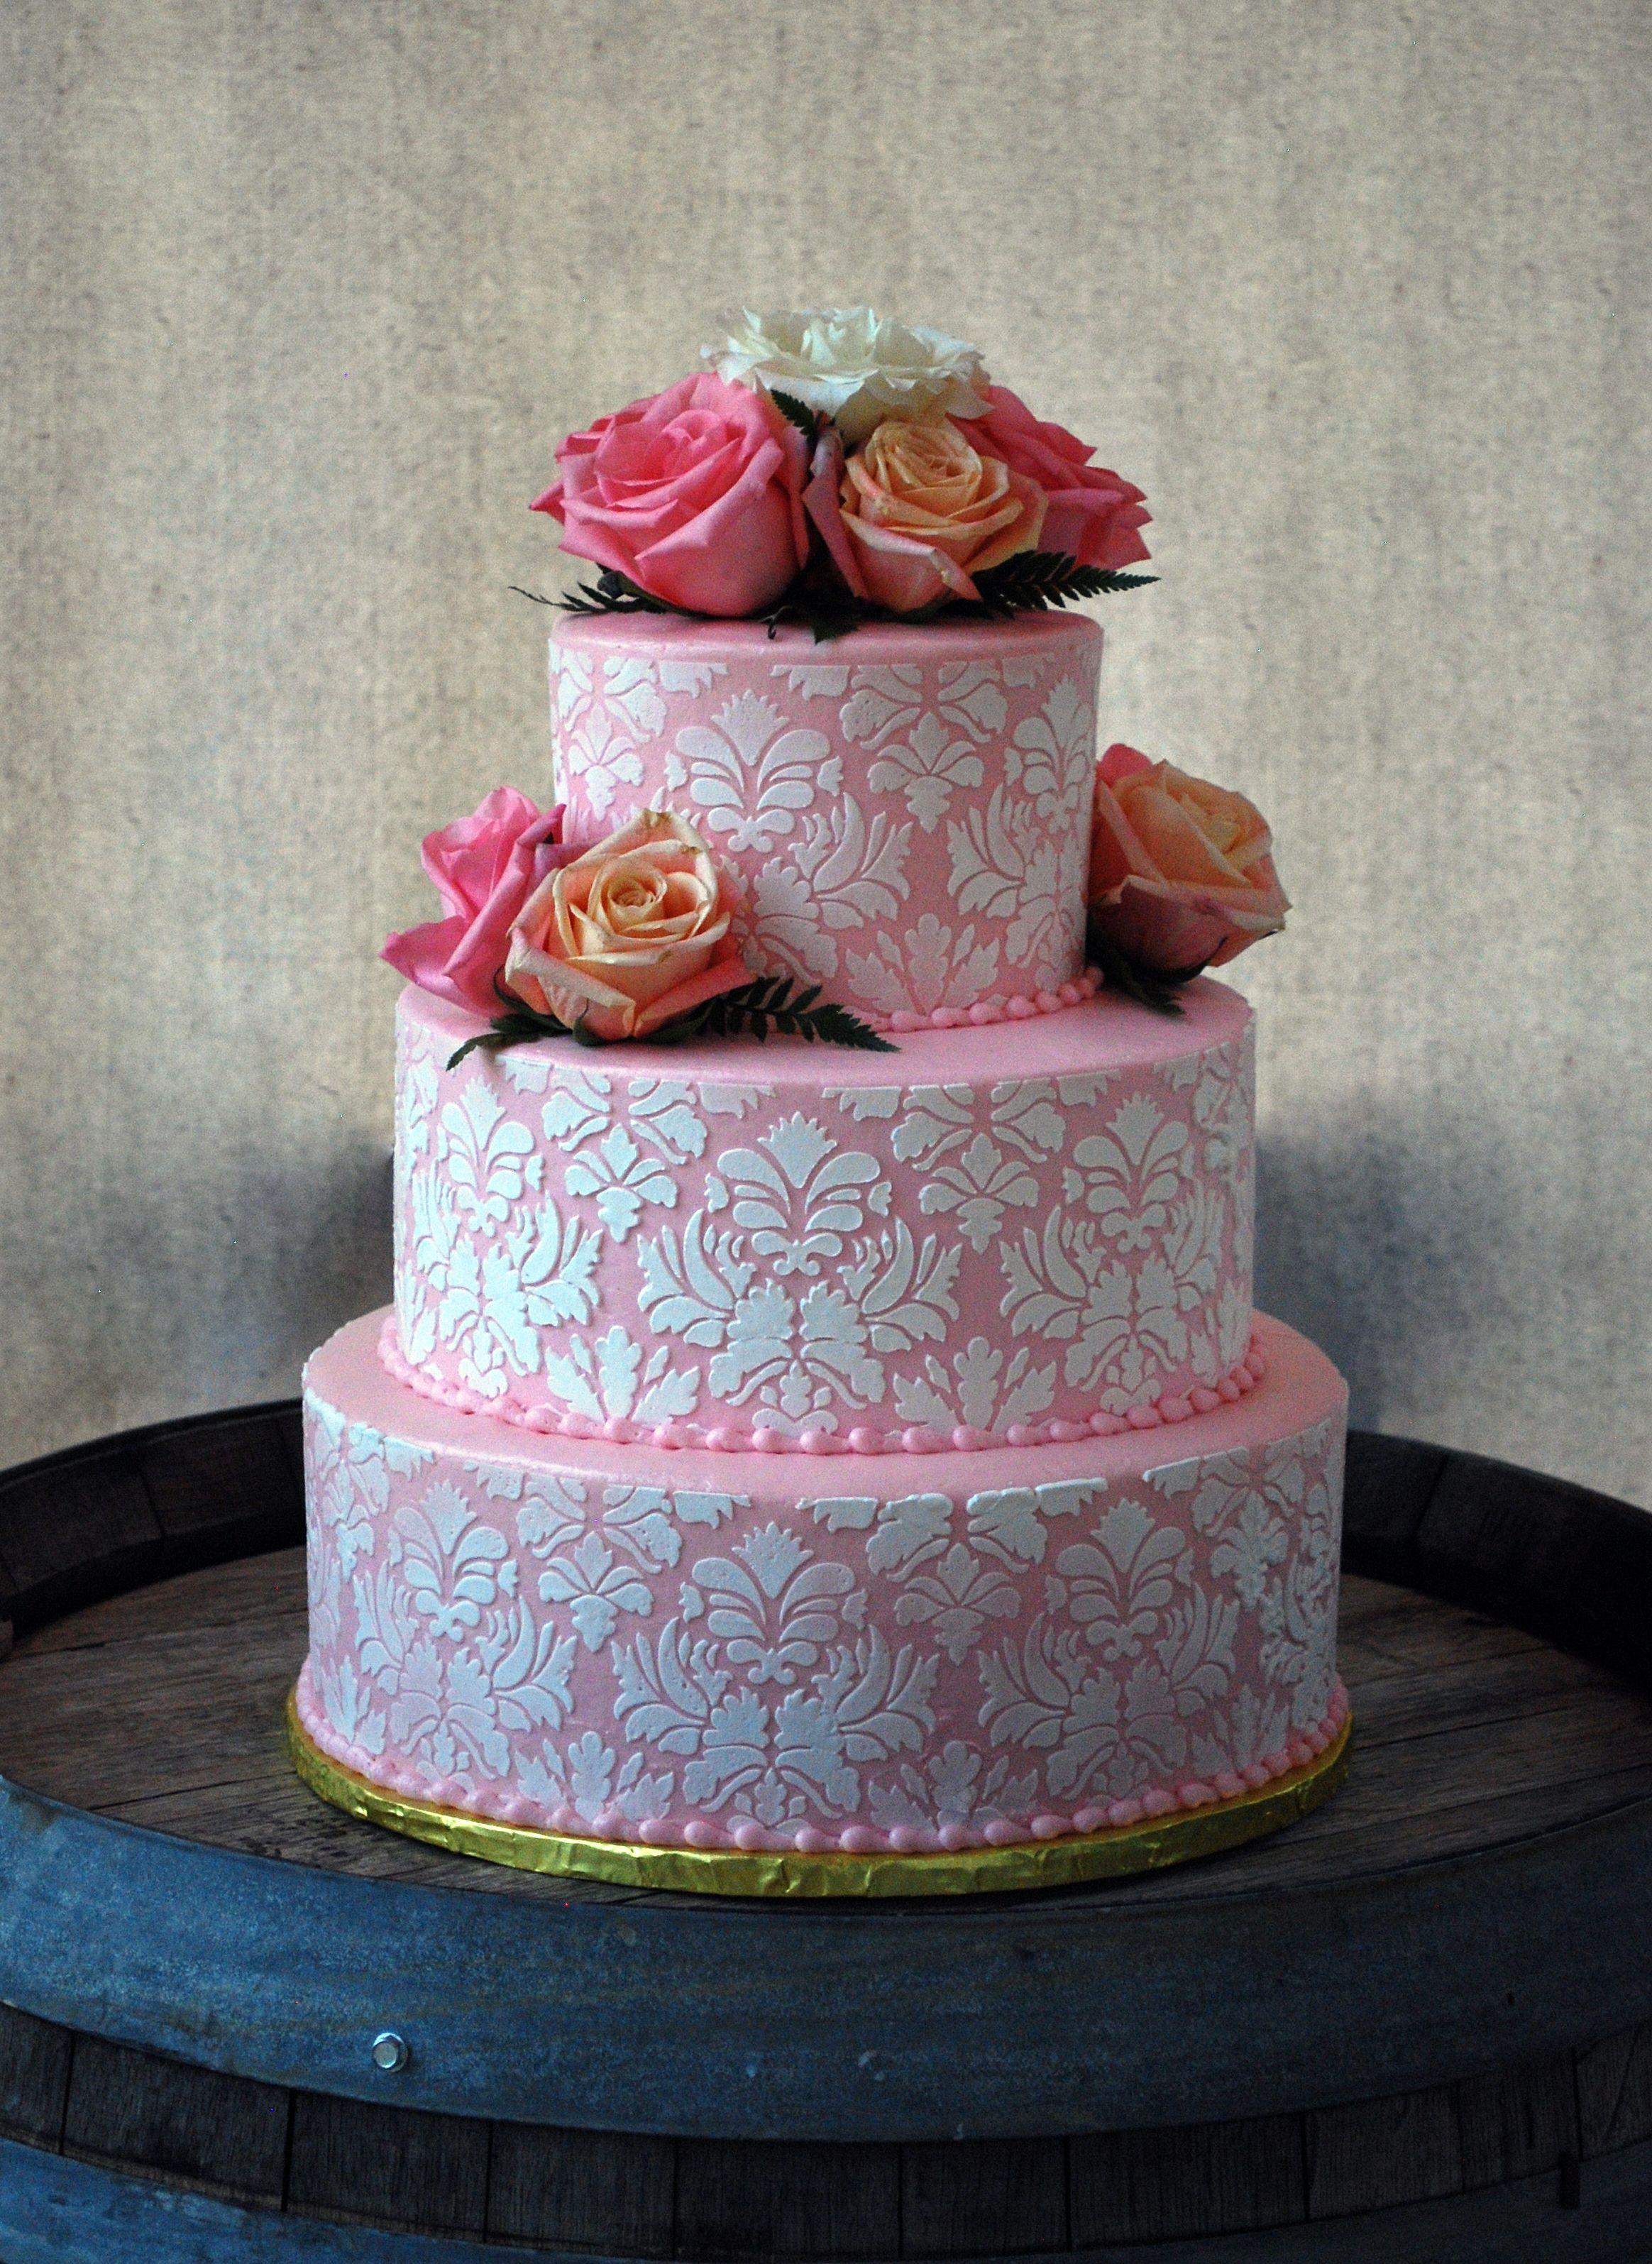 Wedding Cakes Medford Oregon  Pink and White Damask Round Wedding Cake with roses set